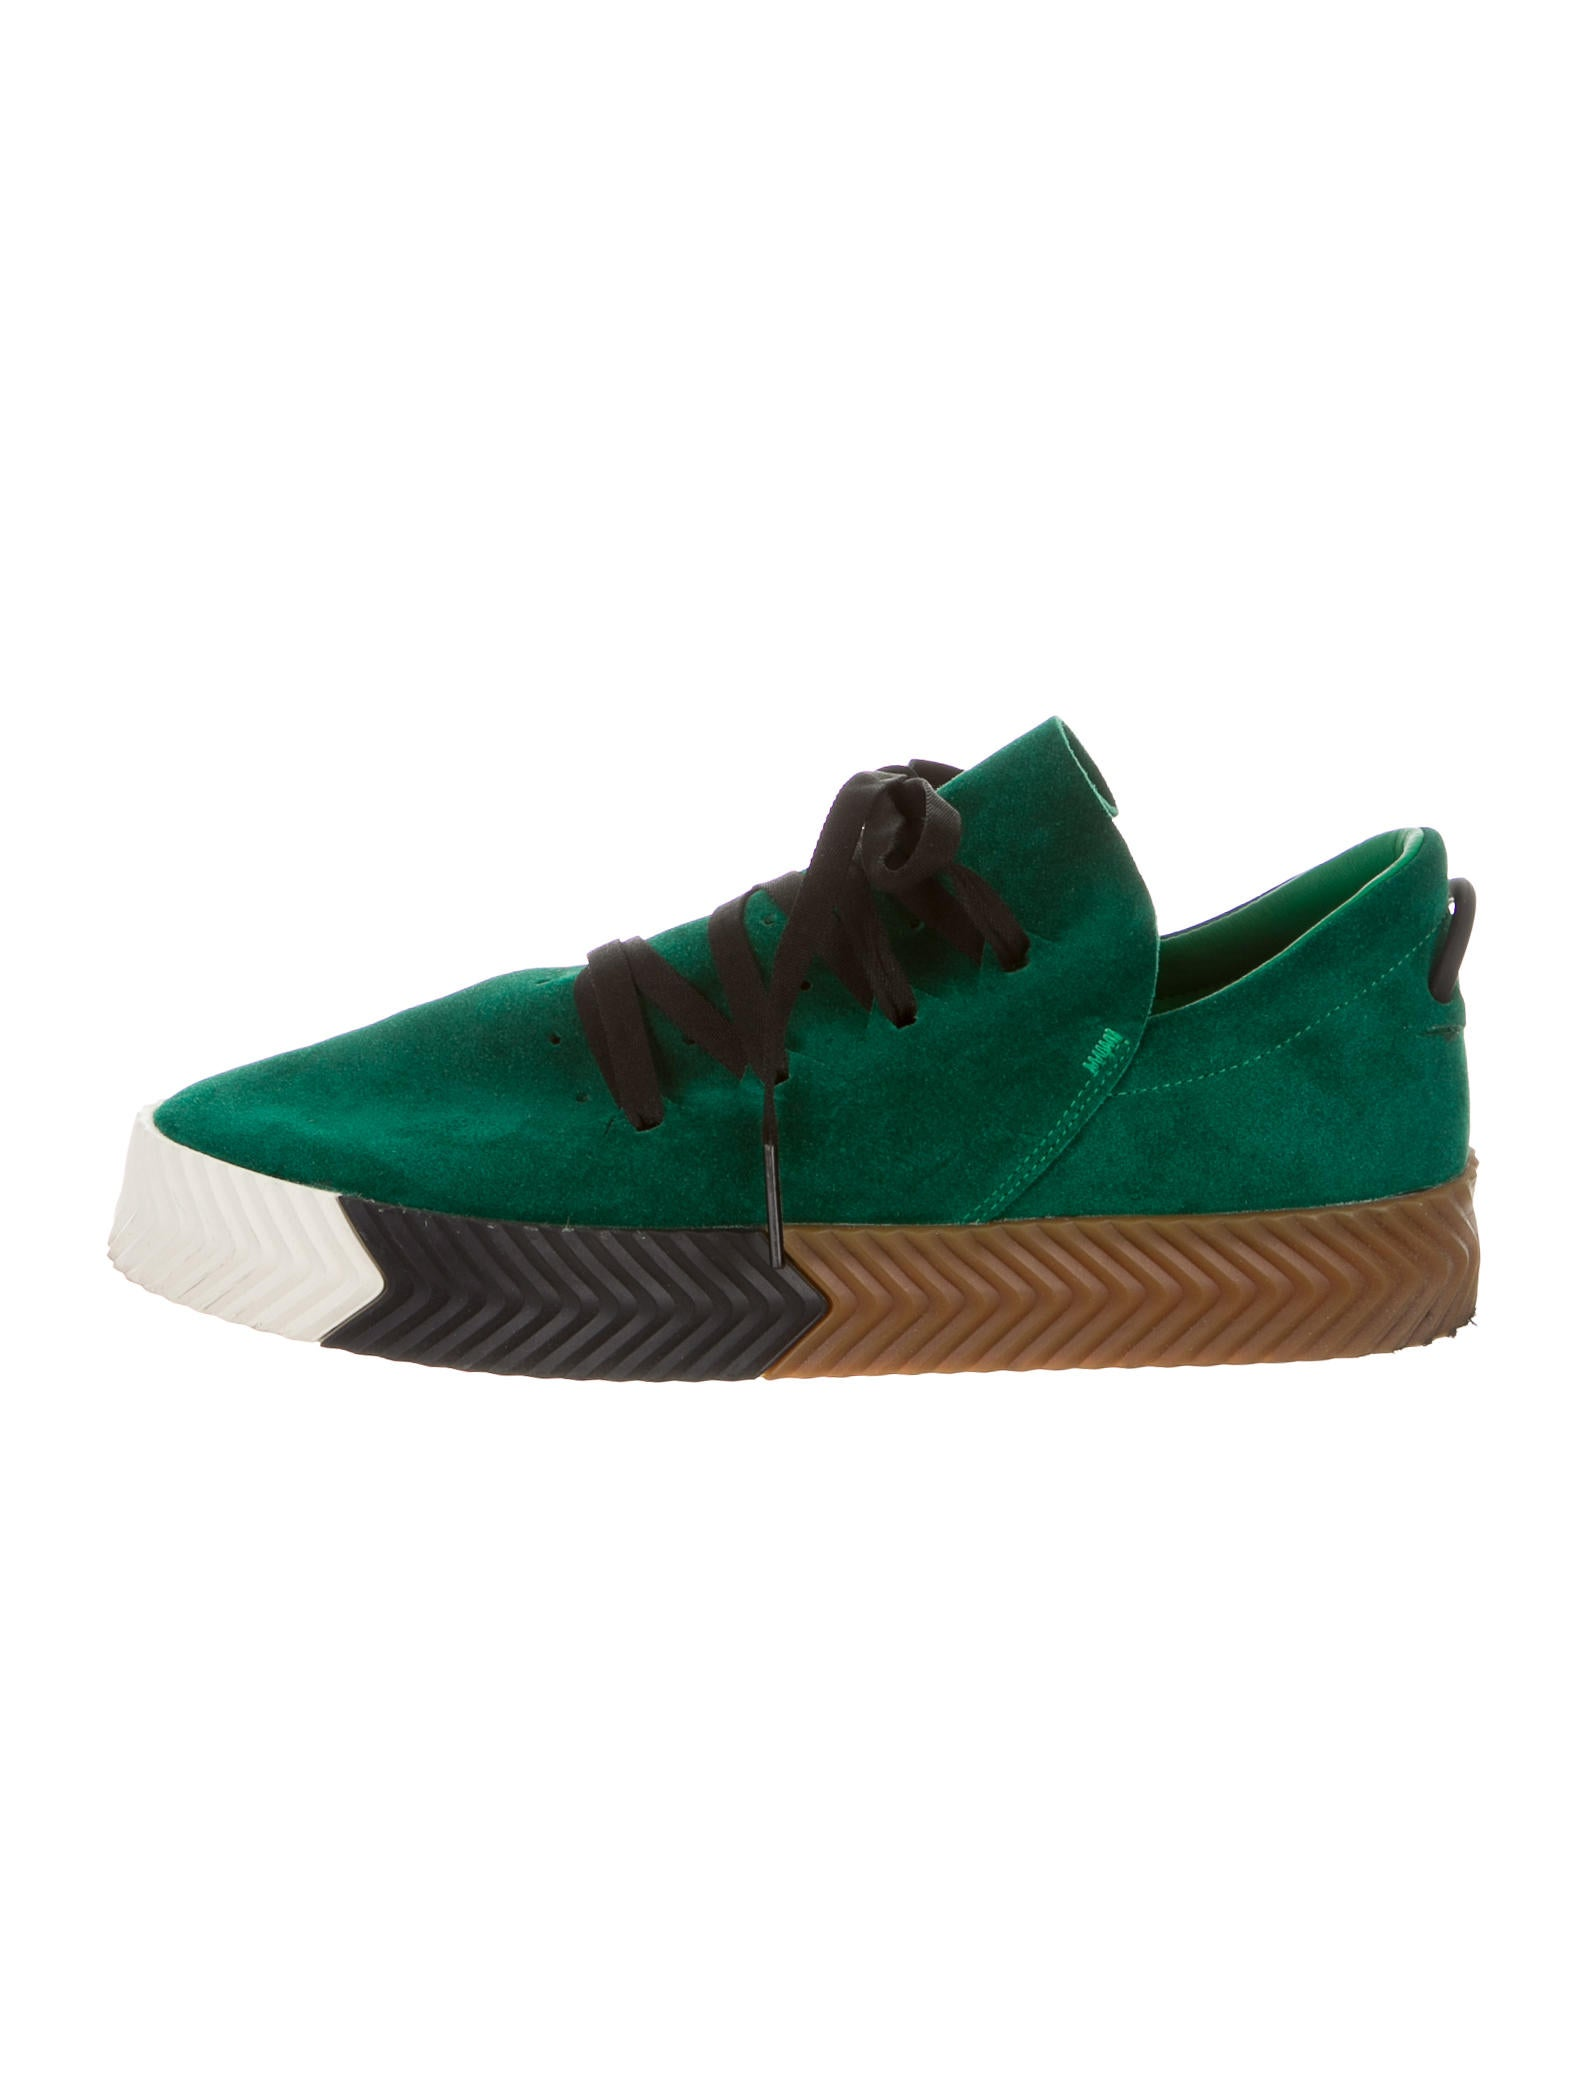 adidas originali da alexander wang 2017 - scarpe da skate shoes